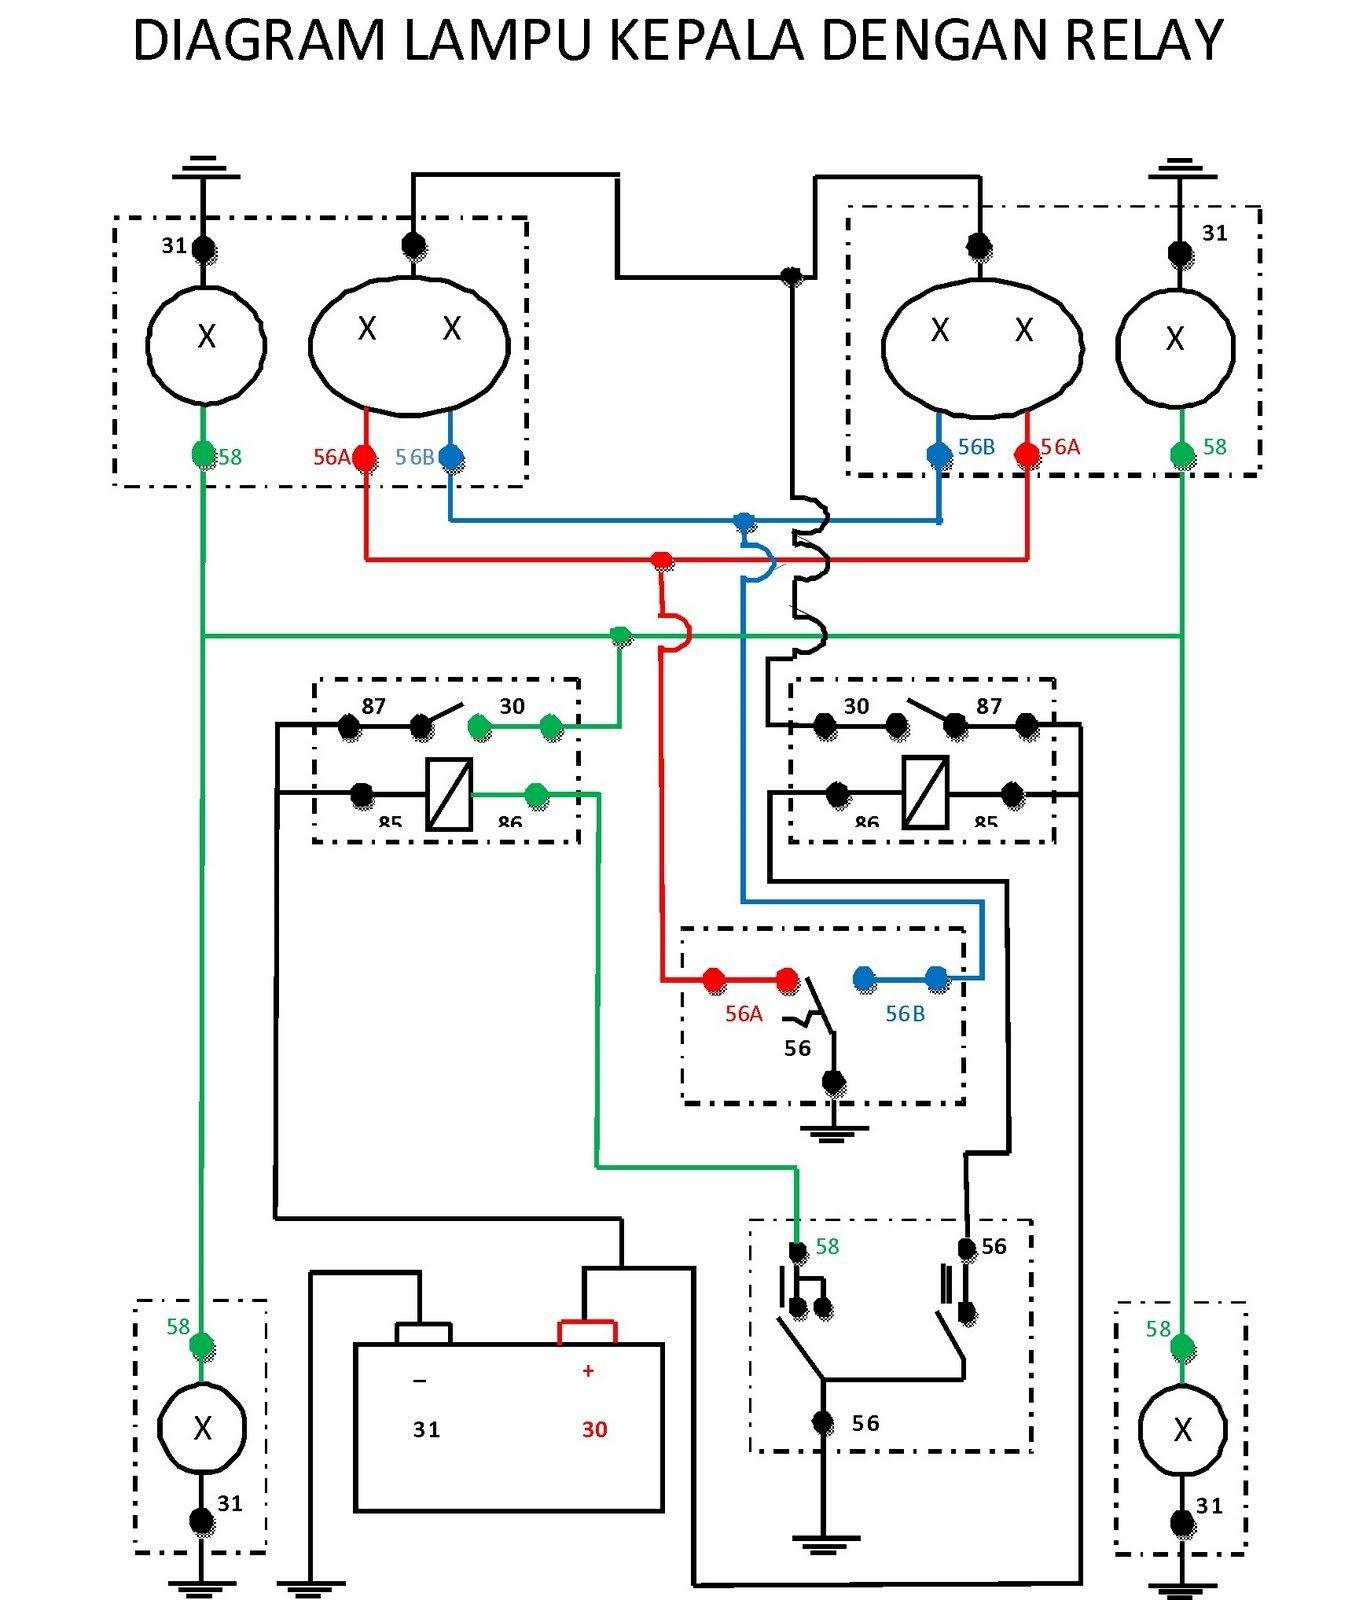 wiring diagram ac mobil avanza diagram diagramtemplate diagramsample [ 1352 x 1600 Pixel ]